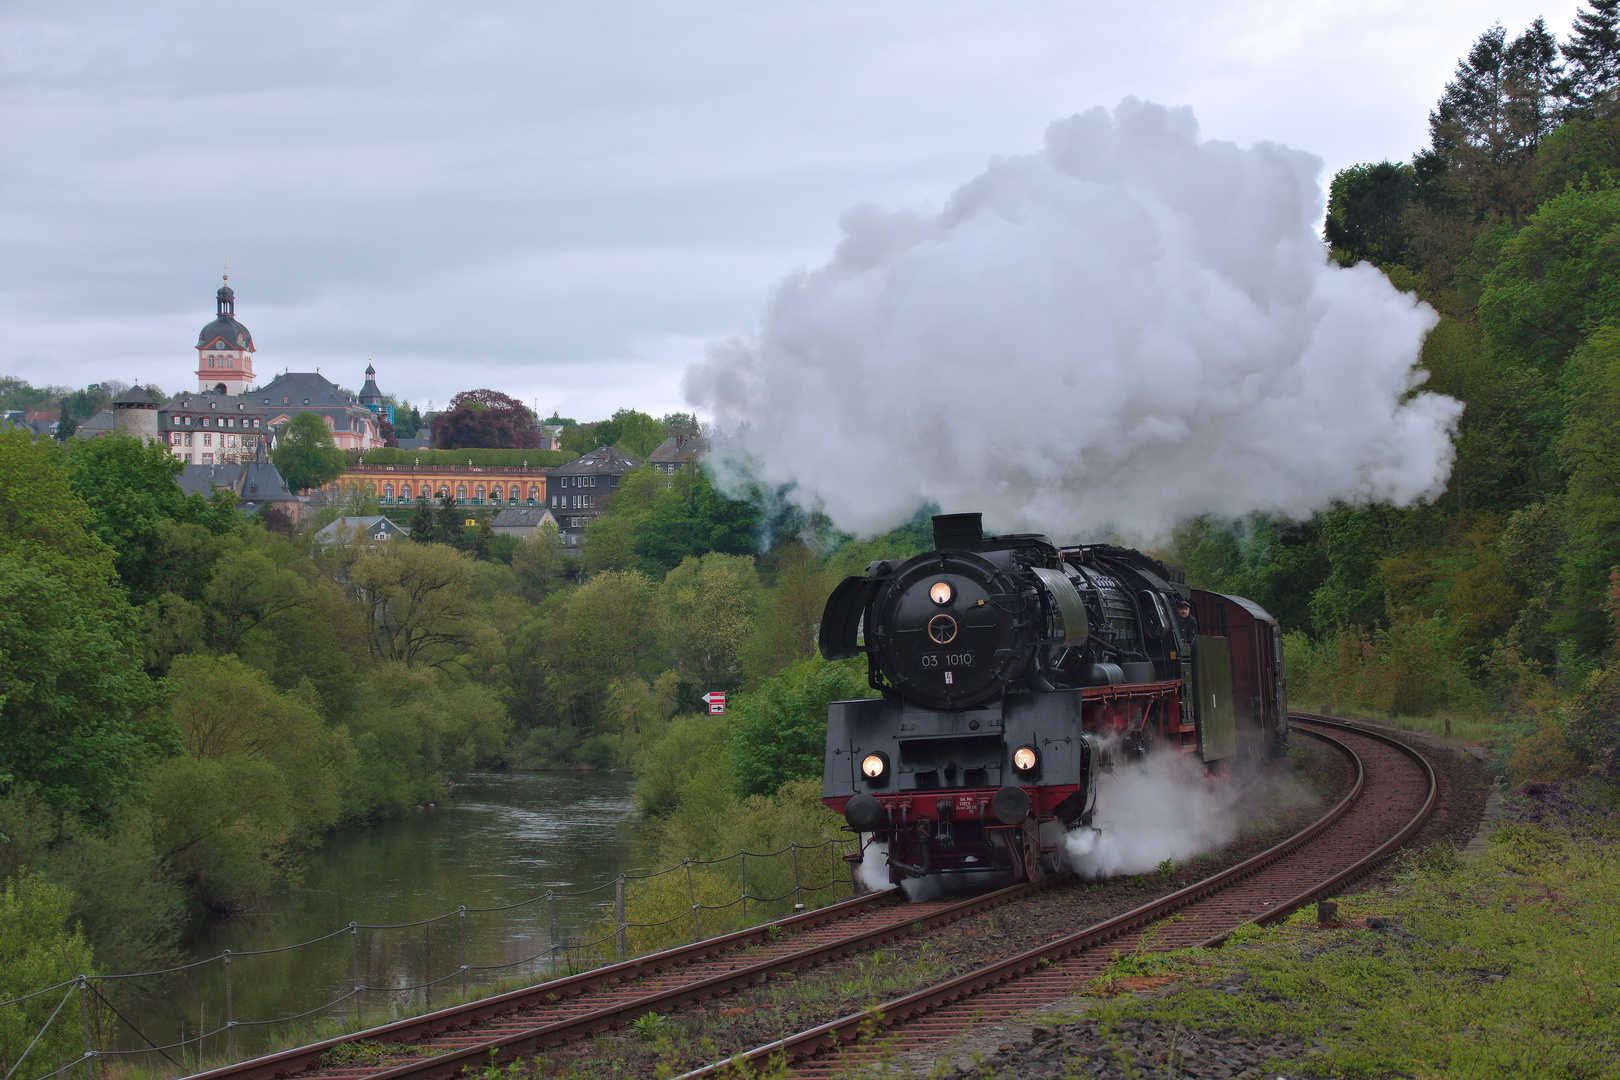 Dampfwolken in Weilburg